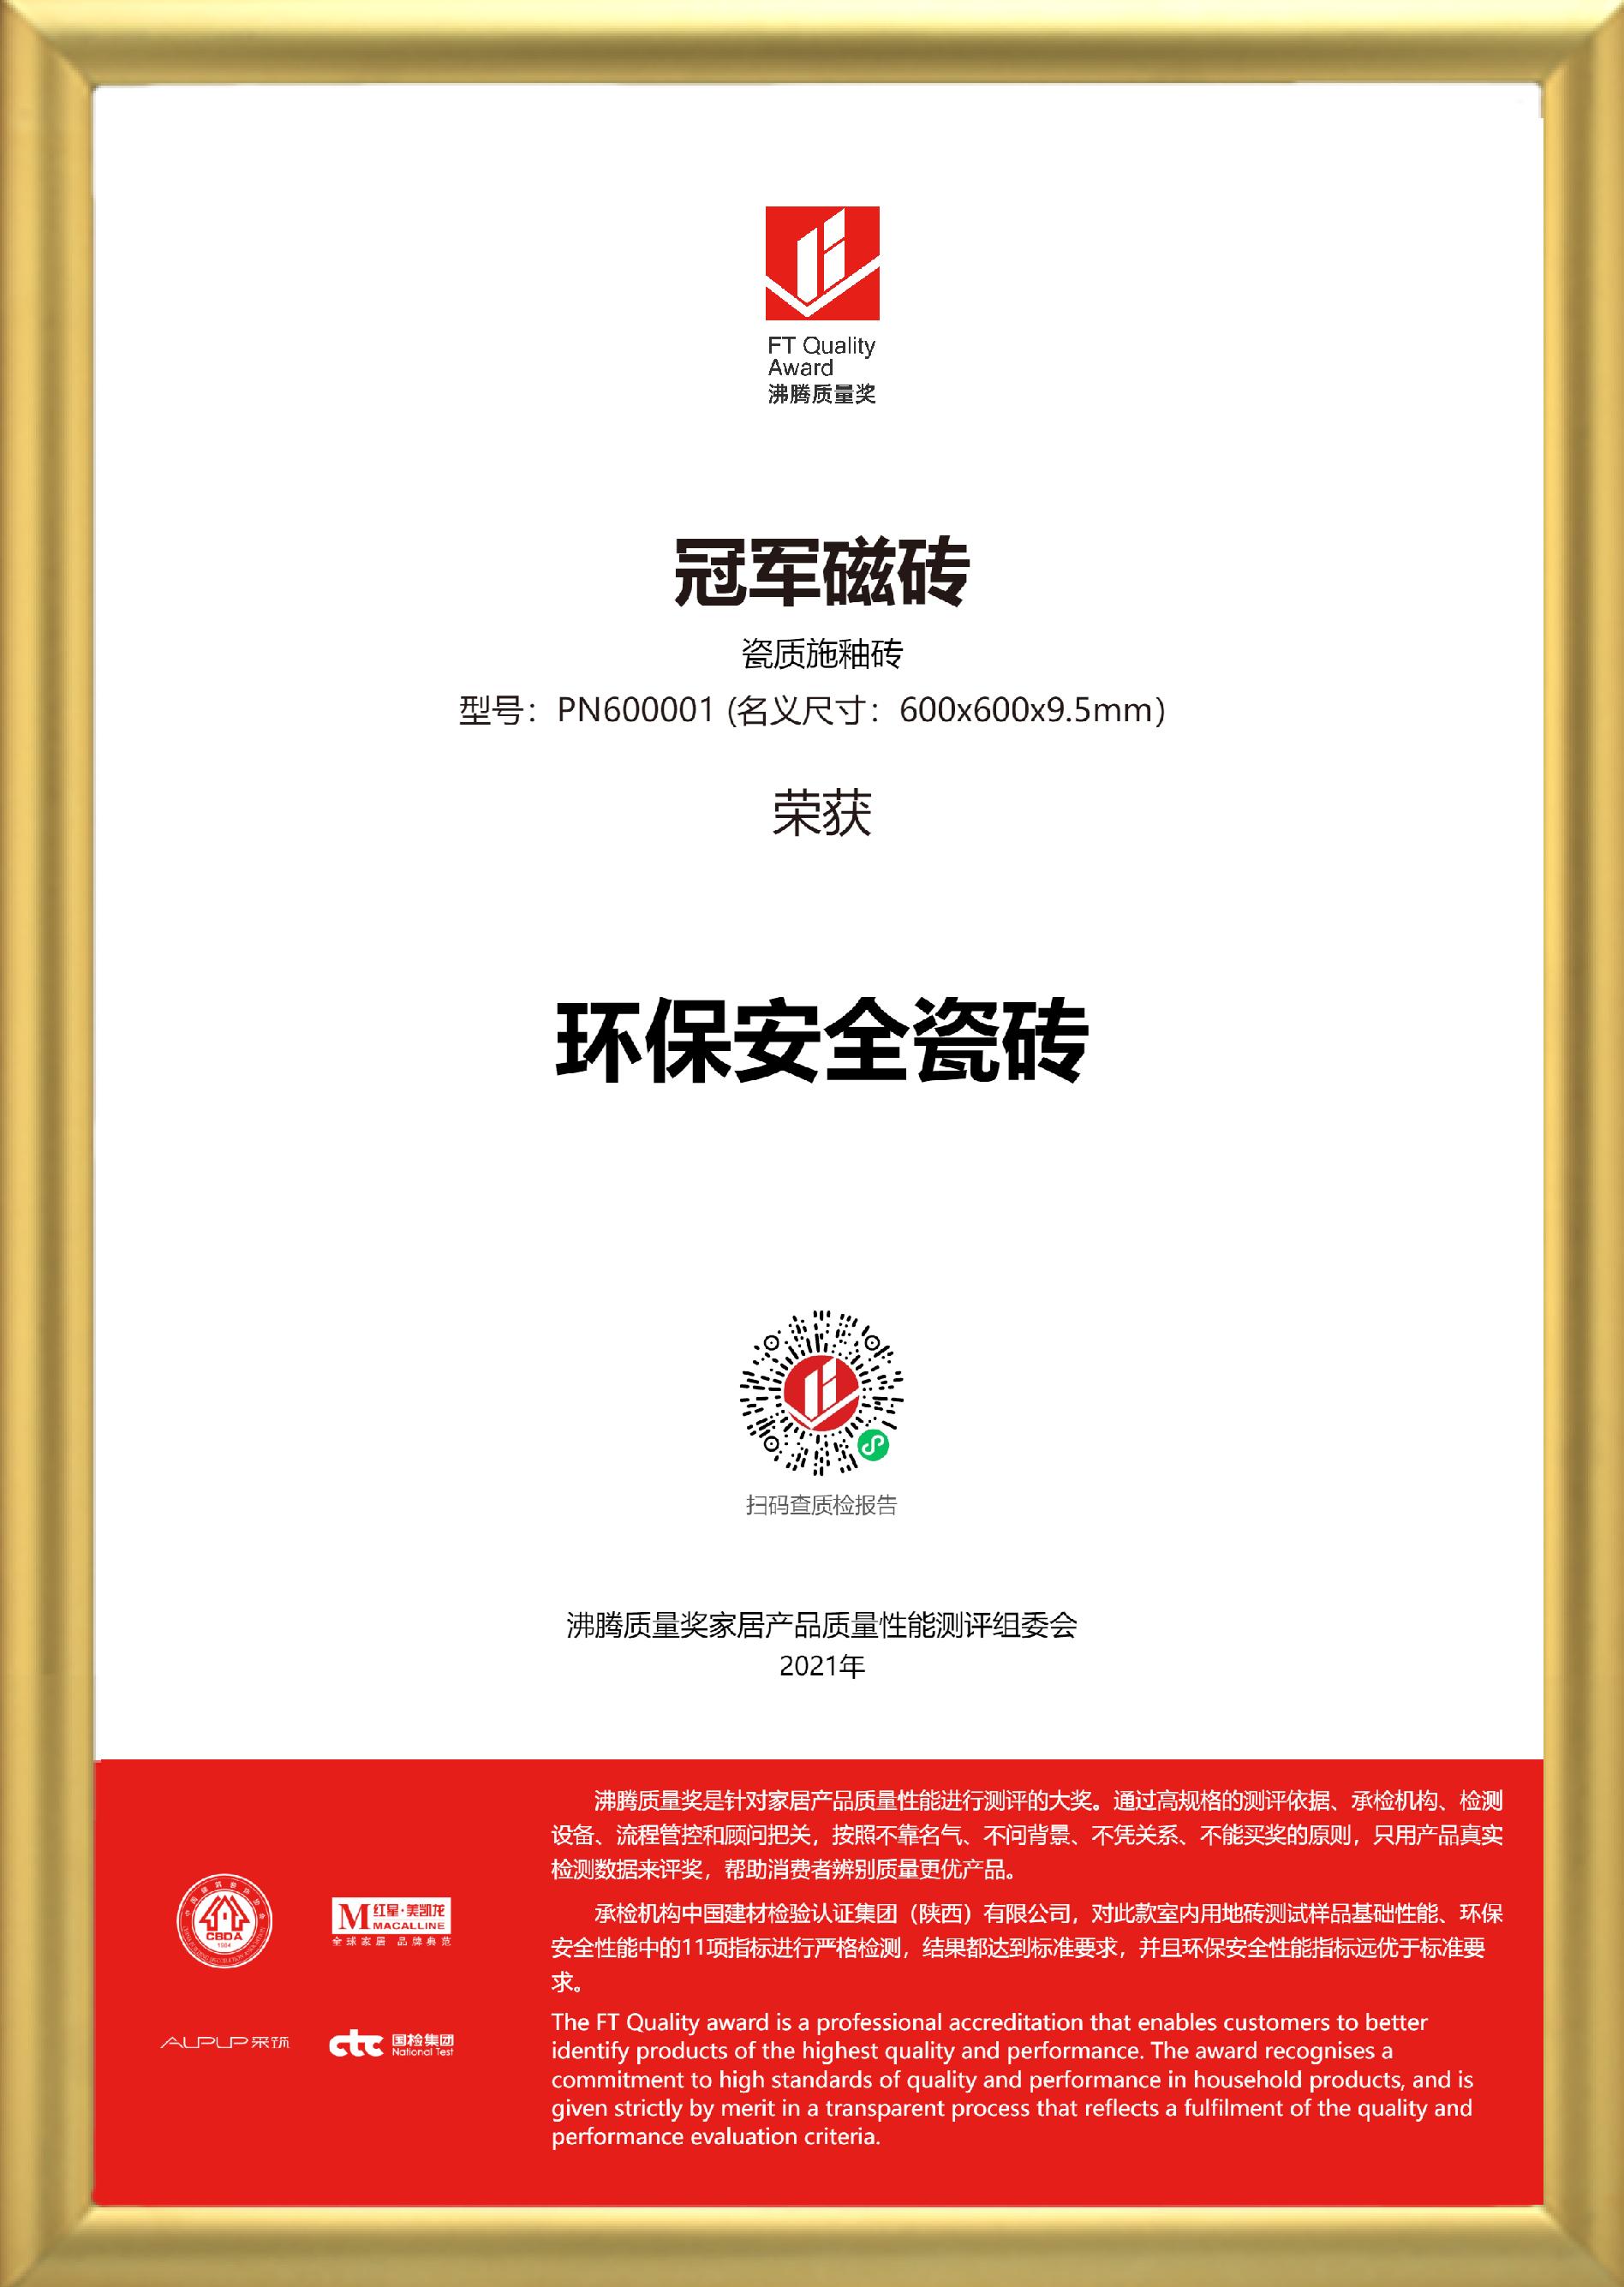 金框加持-获奖证书-冠军磁砖-室内用地砖-PN600001 (名义尺寸:600x600x9.5mm).png